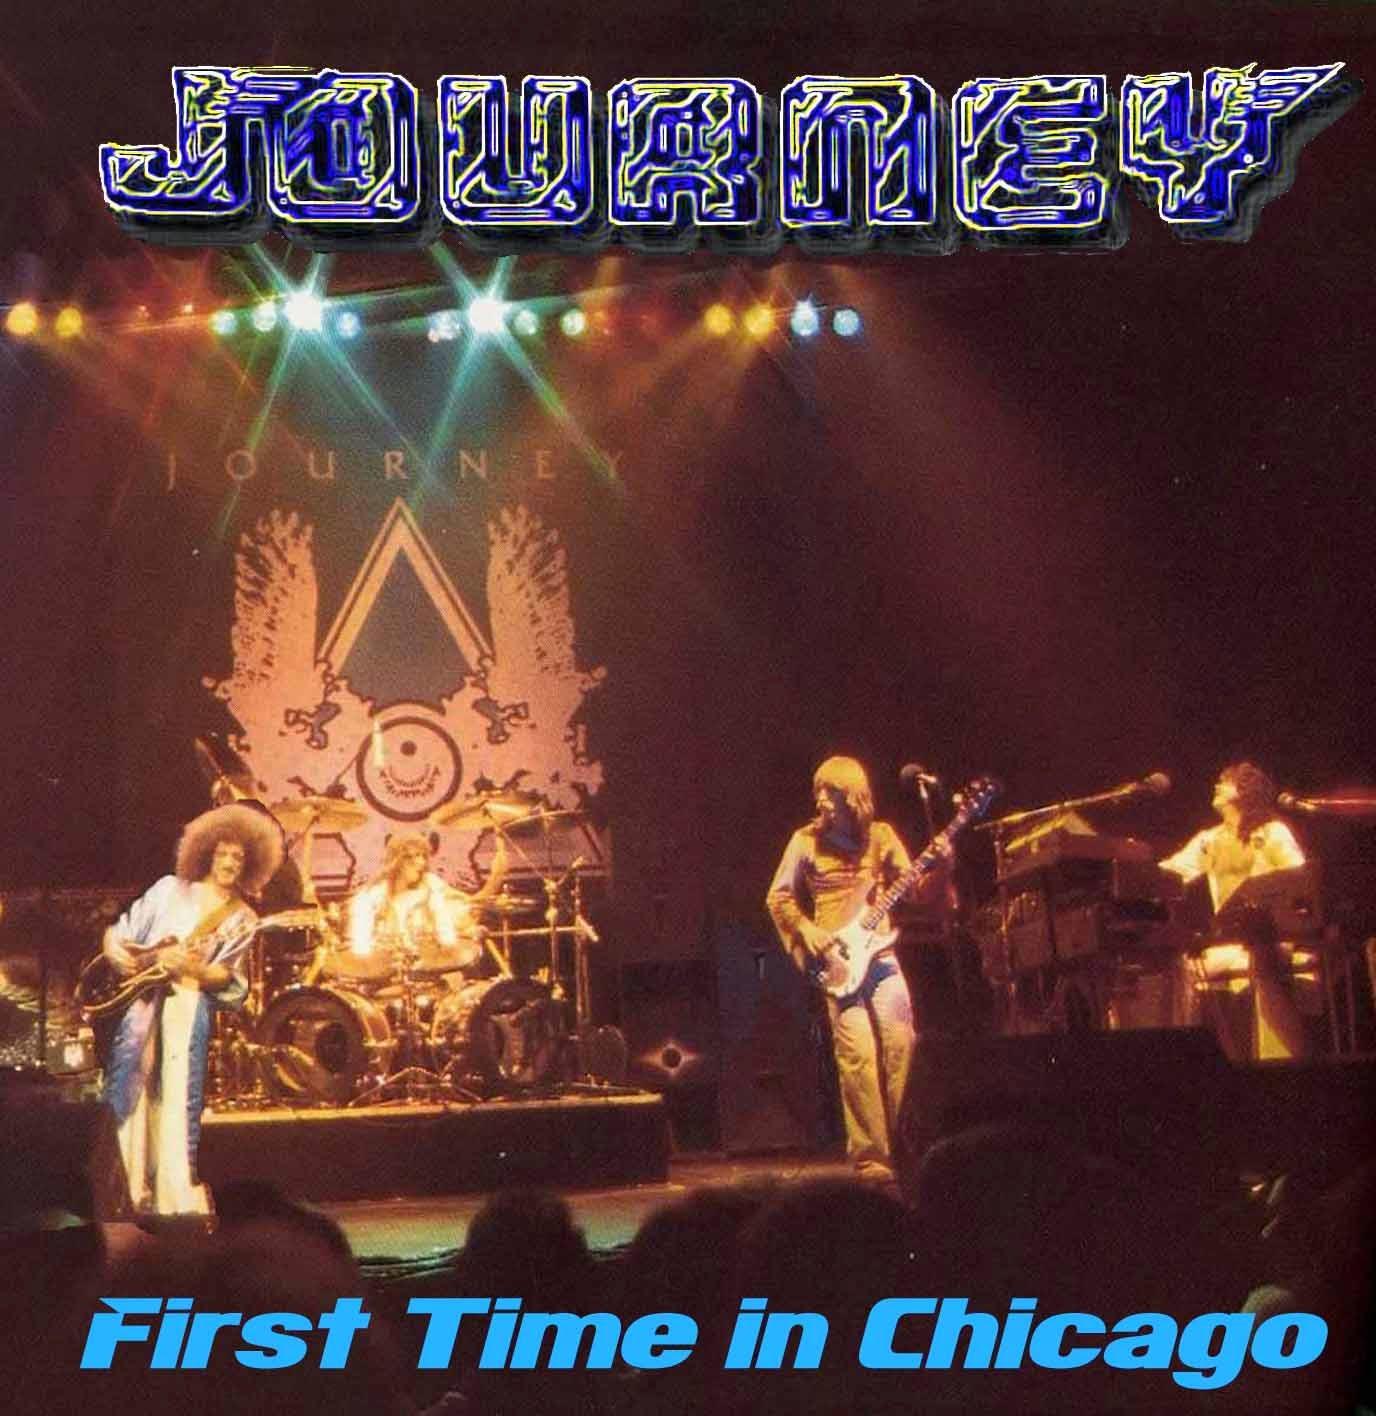 journey concert: